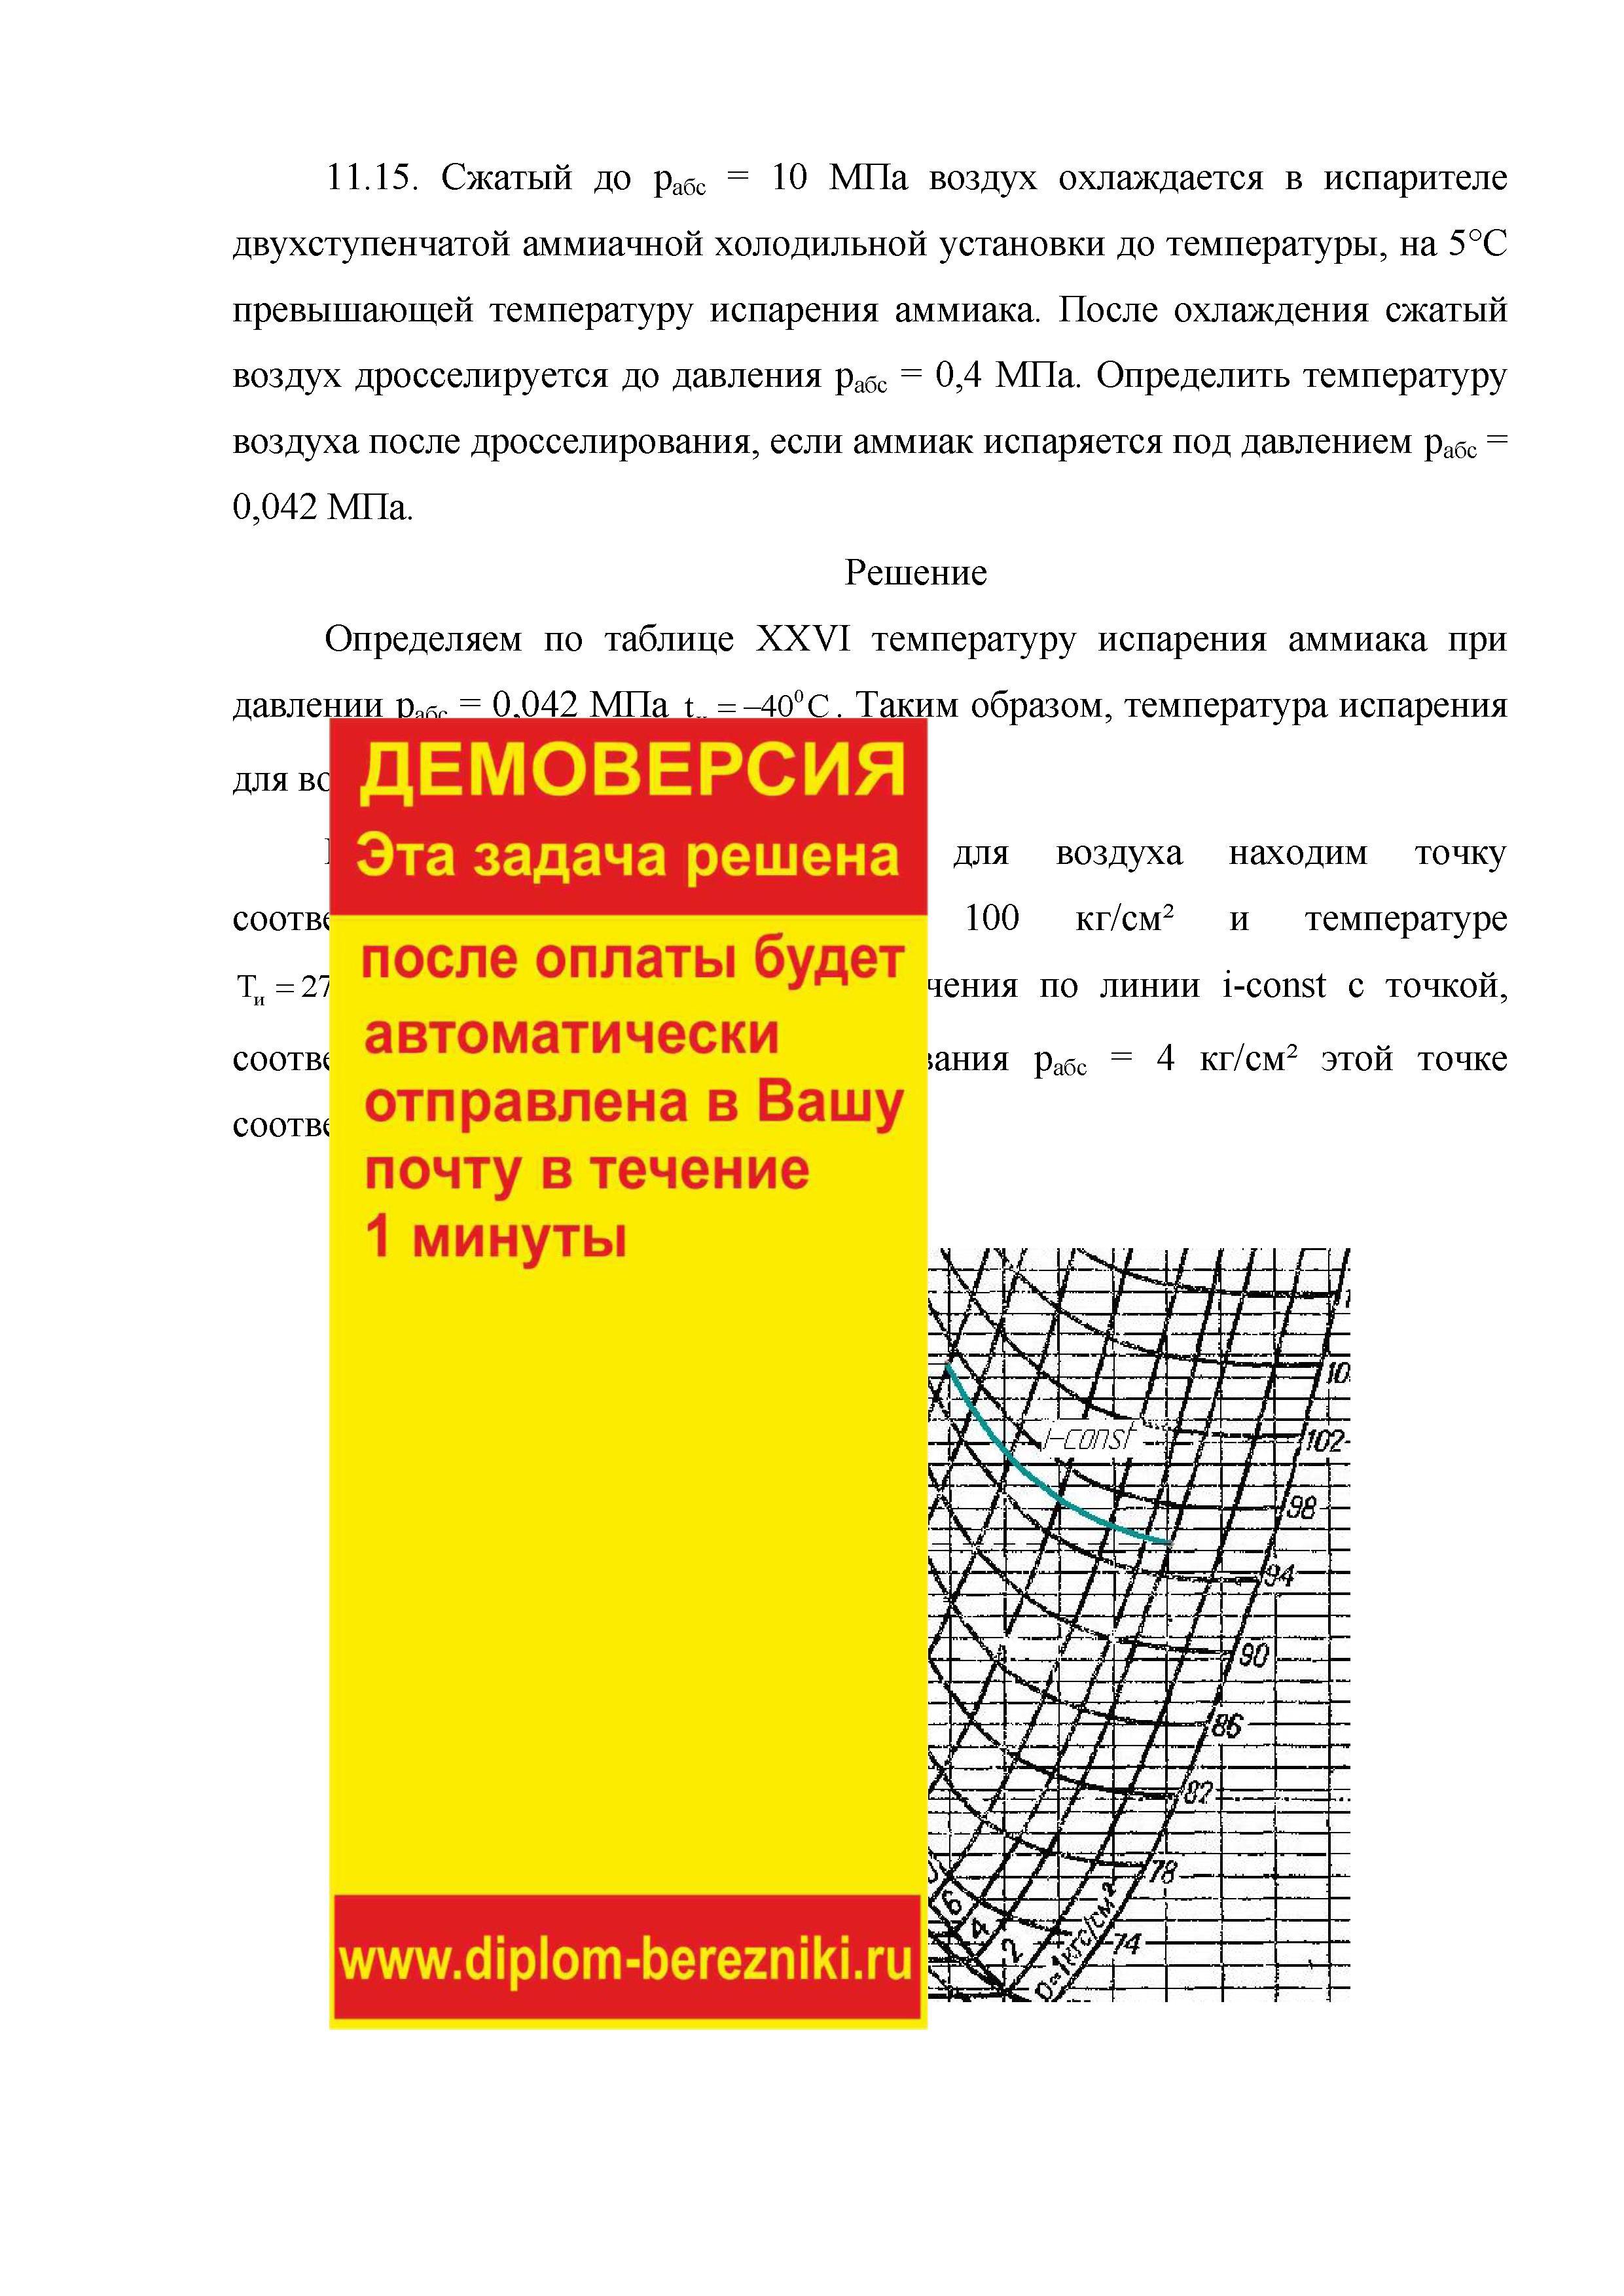 Решение задачи 11.15  по ПАХТ из задачника Павлова Романкова Носкова